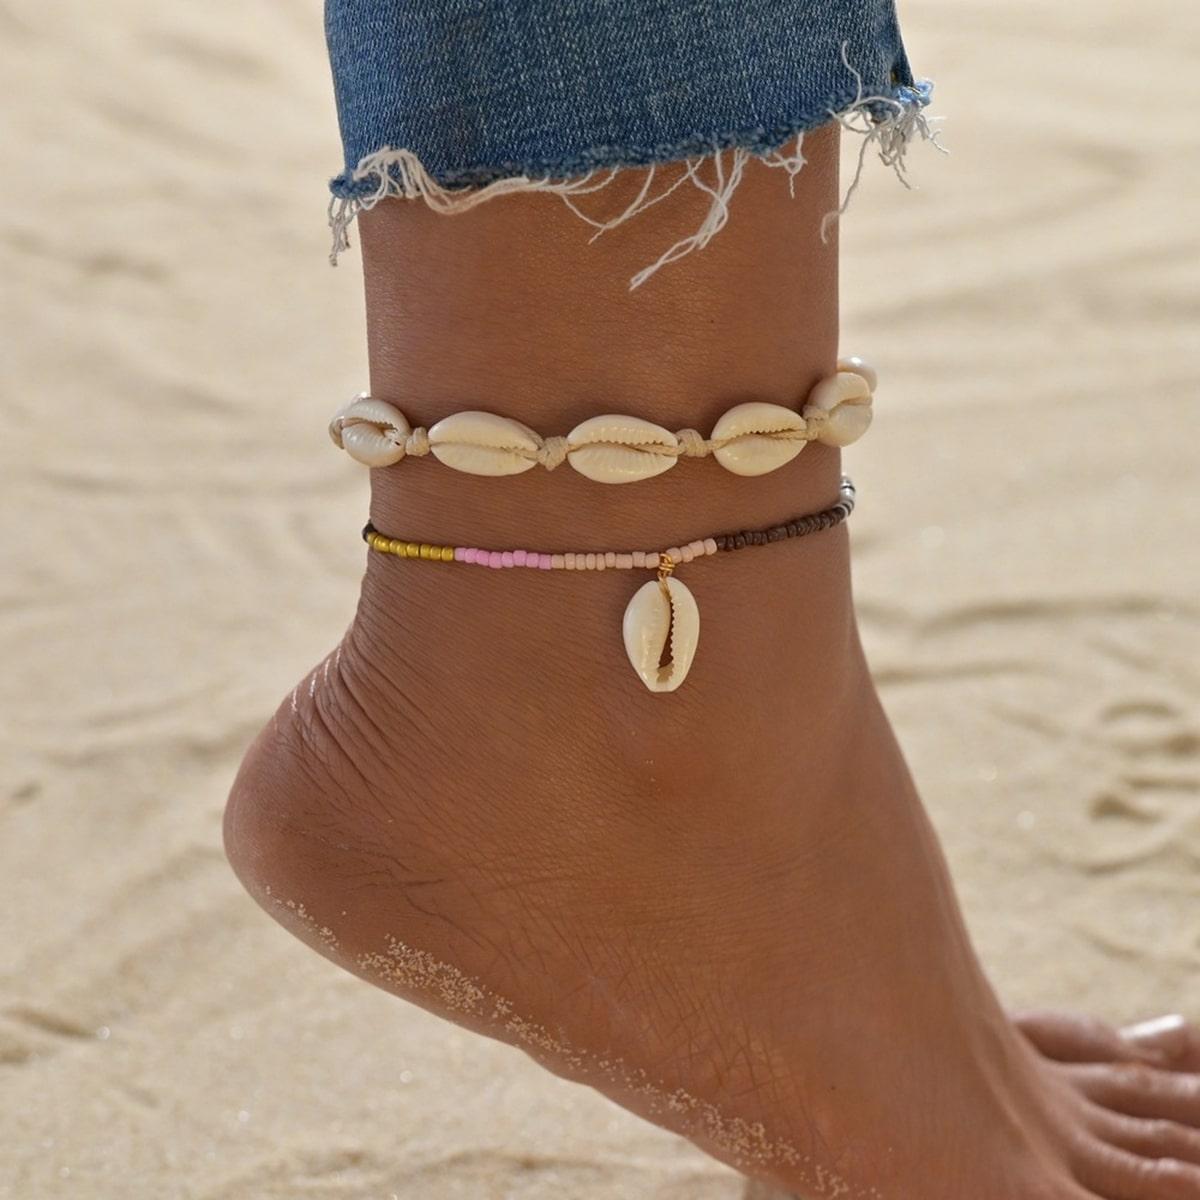 SHEIN / 2 Stücke Fußkette mit Muschel